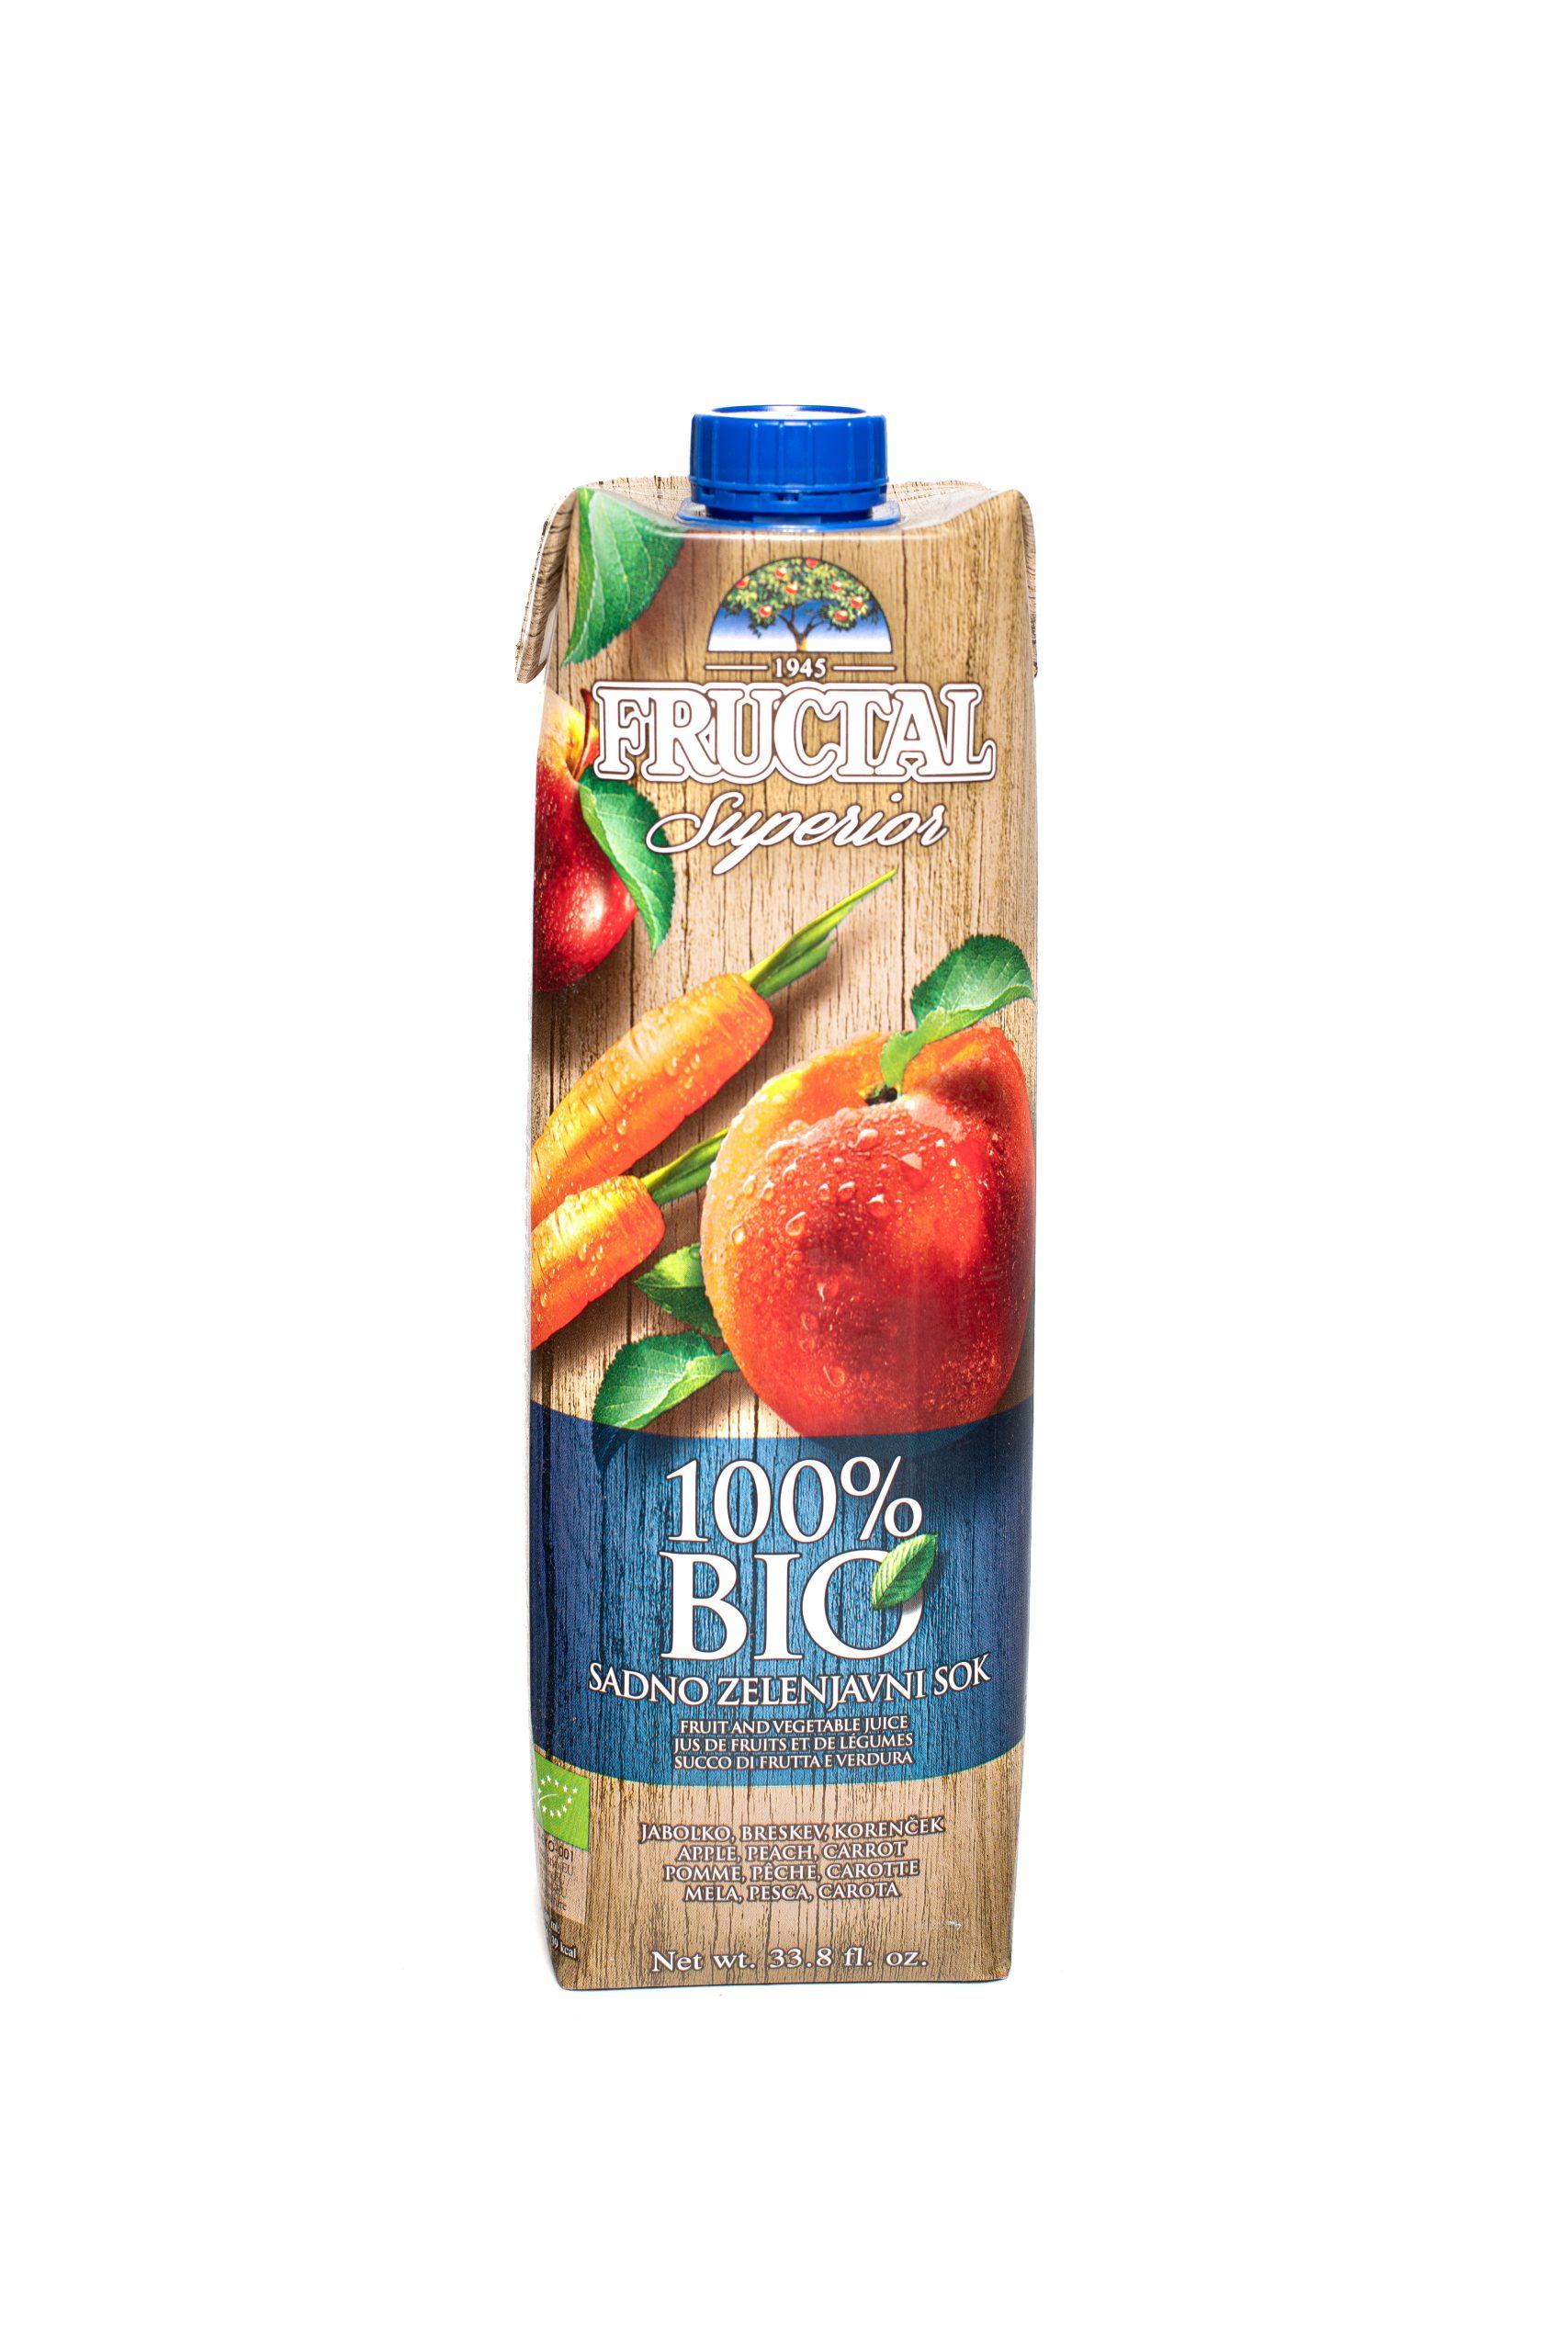 Fructal Superior Organic | 1L | No Sugar Added | Peach